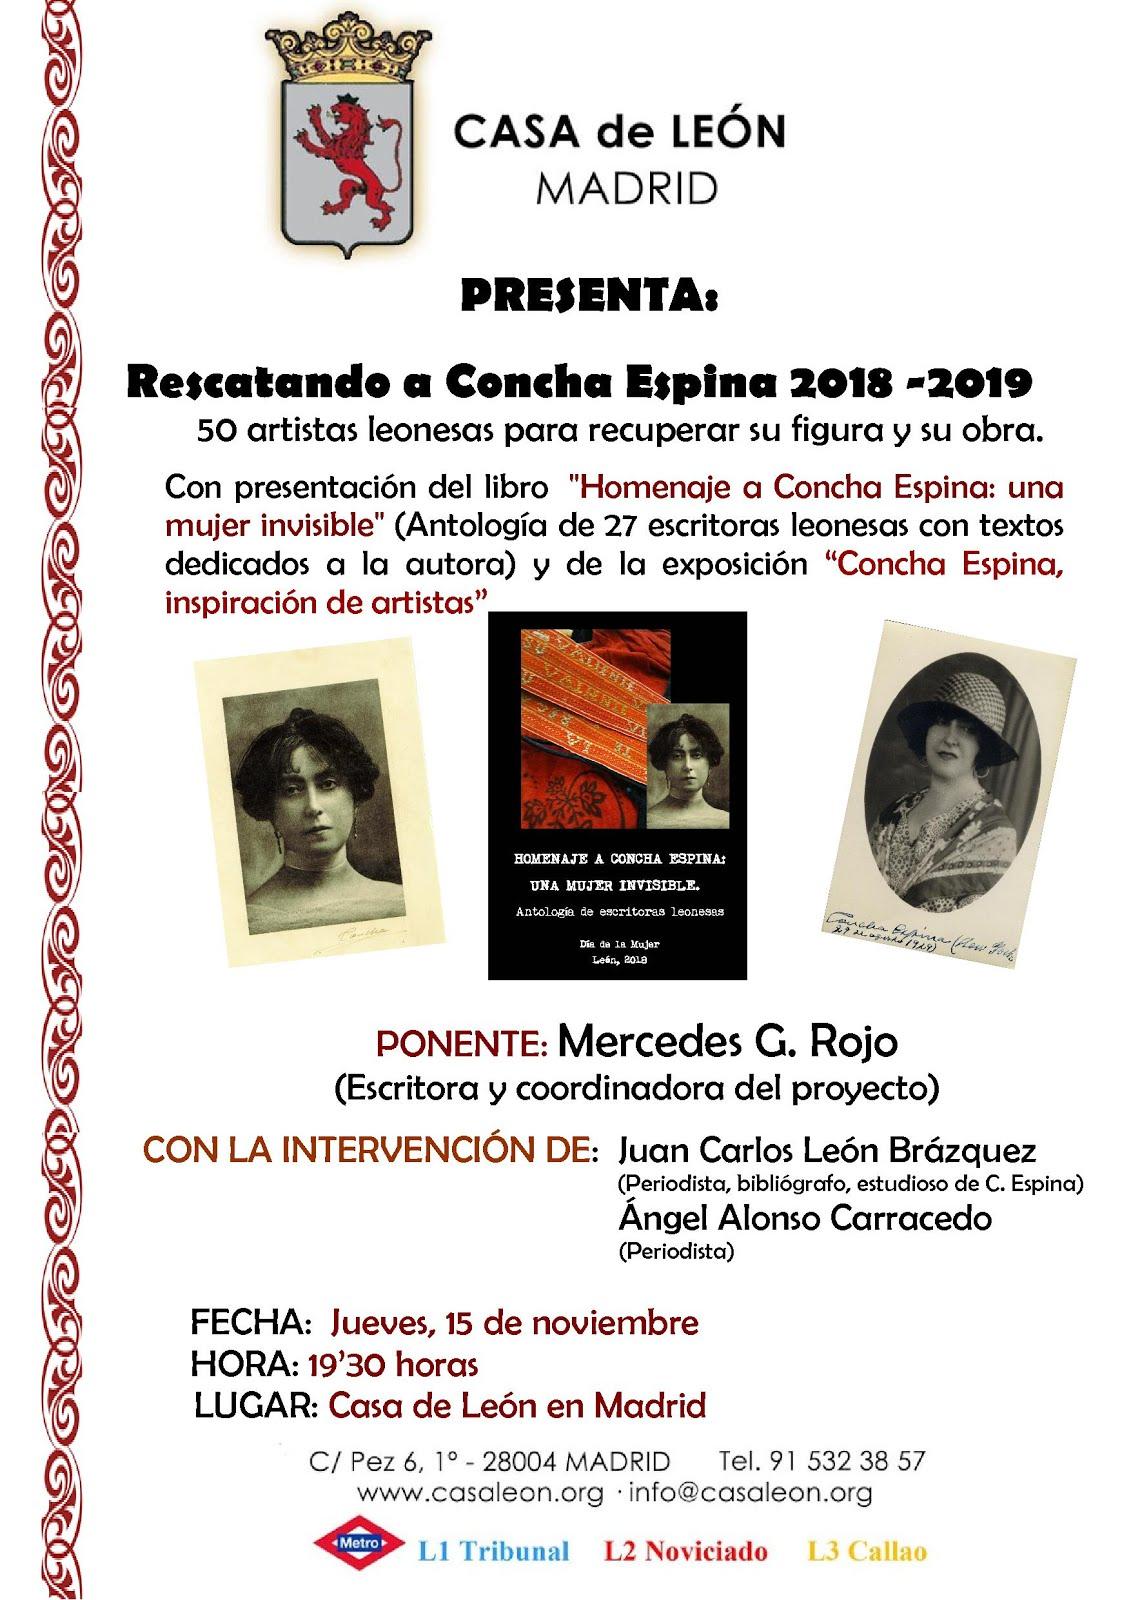 Rescatando a Concha Espina 2018-19